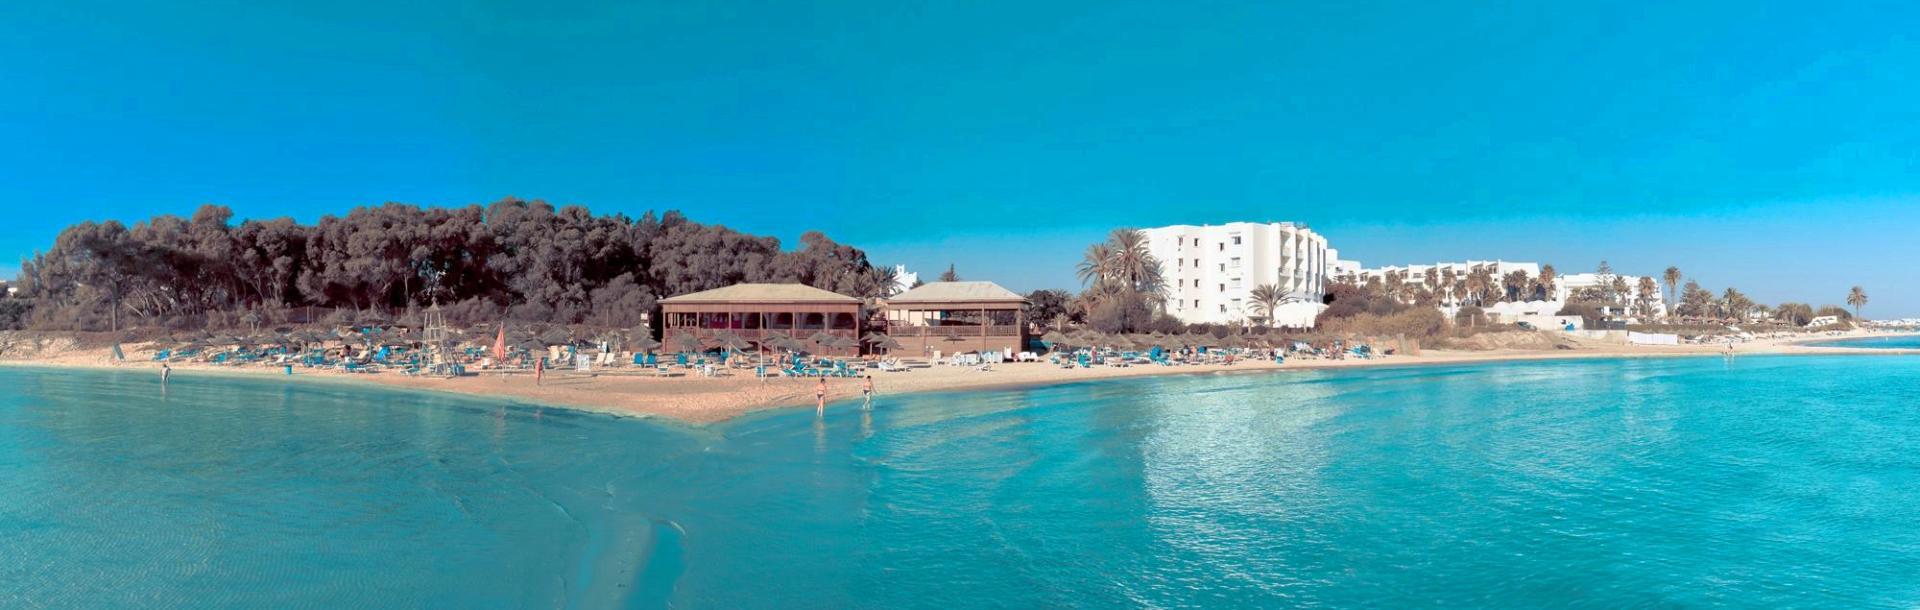 Пляж отеля Marhaba, Cуcc